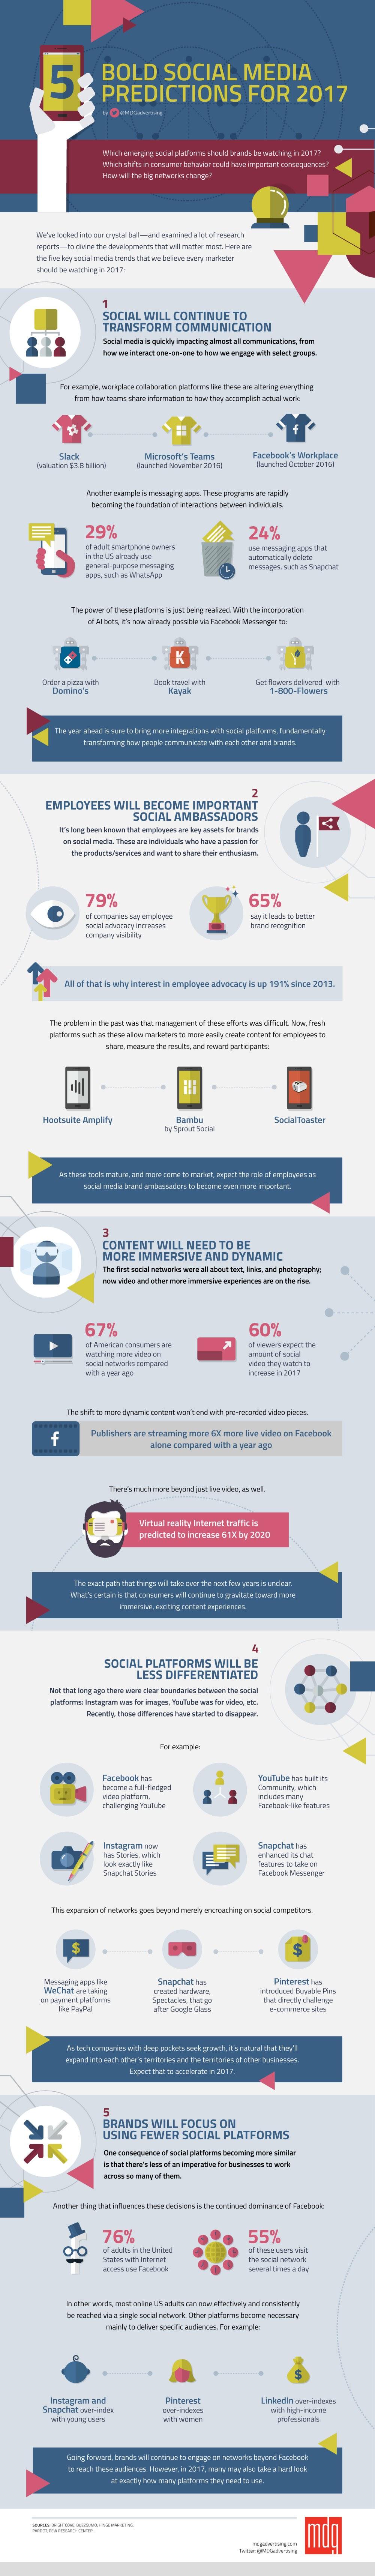 5 predicciones en social media a las que deberías estar atento en 2017